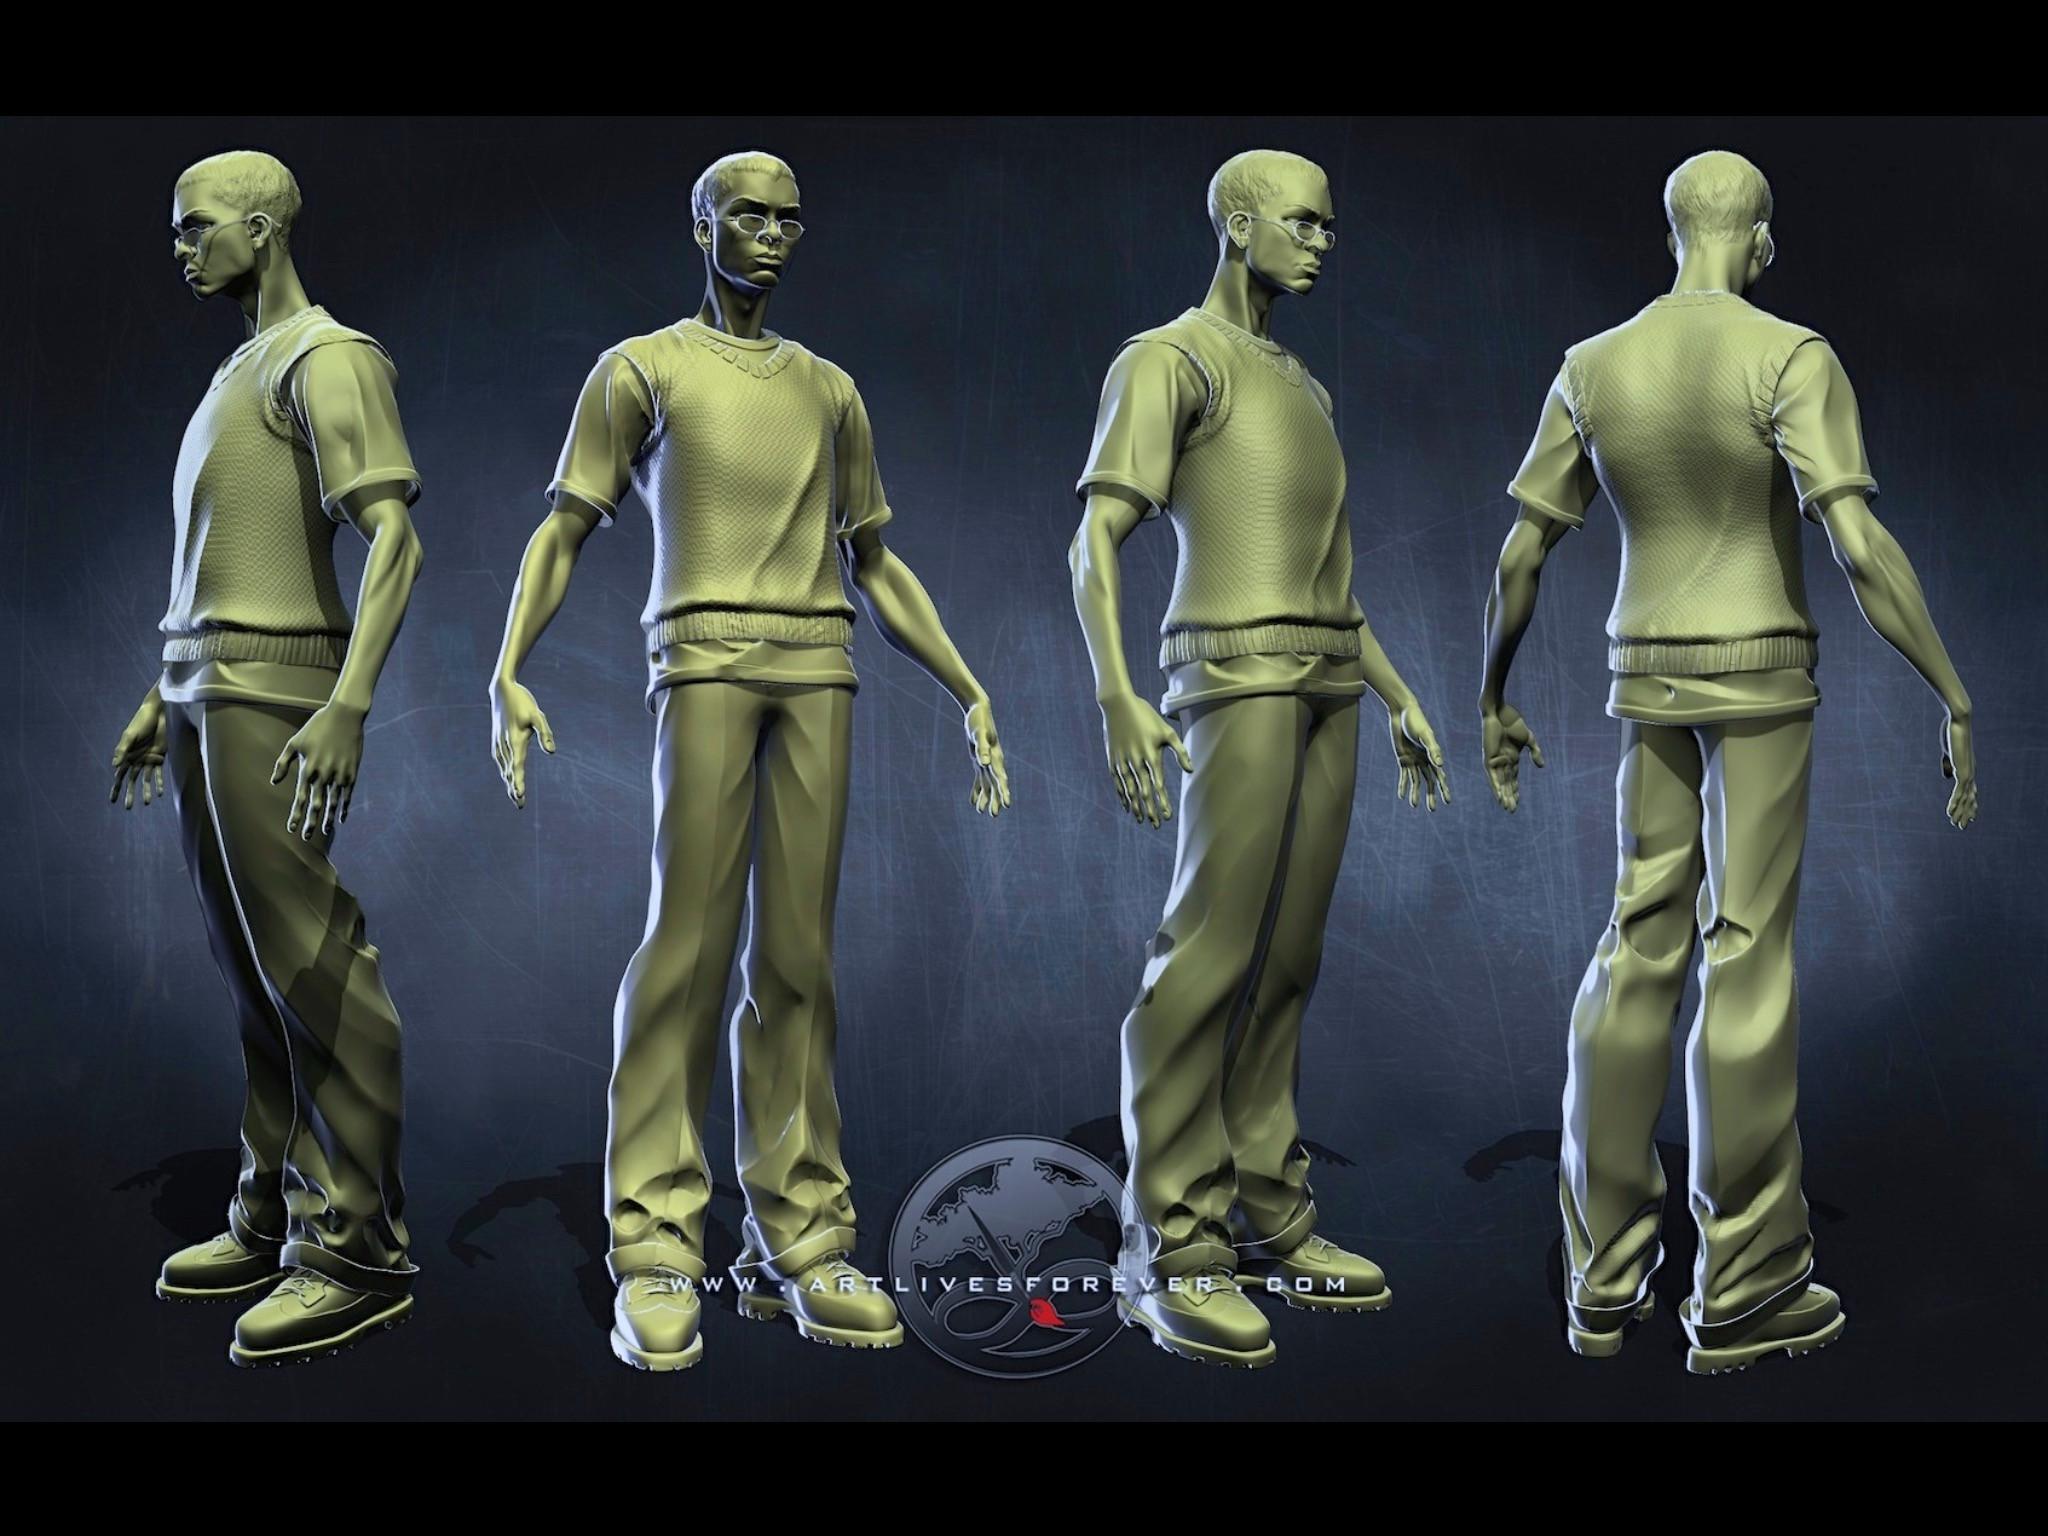 Victor's Orthos www.artlivesforever.com